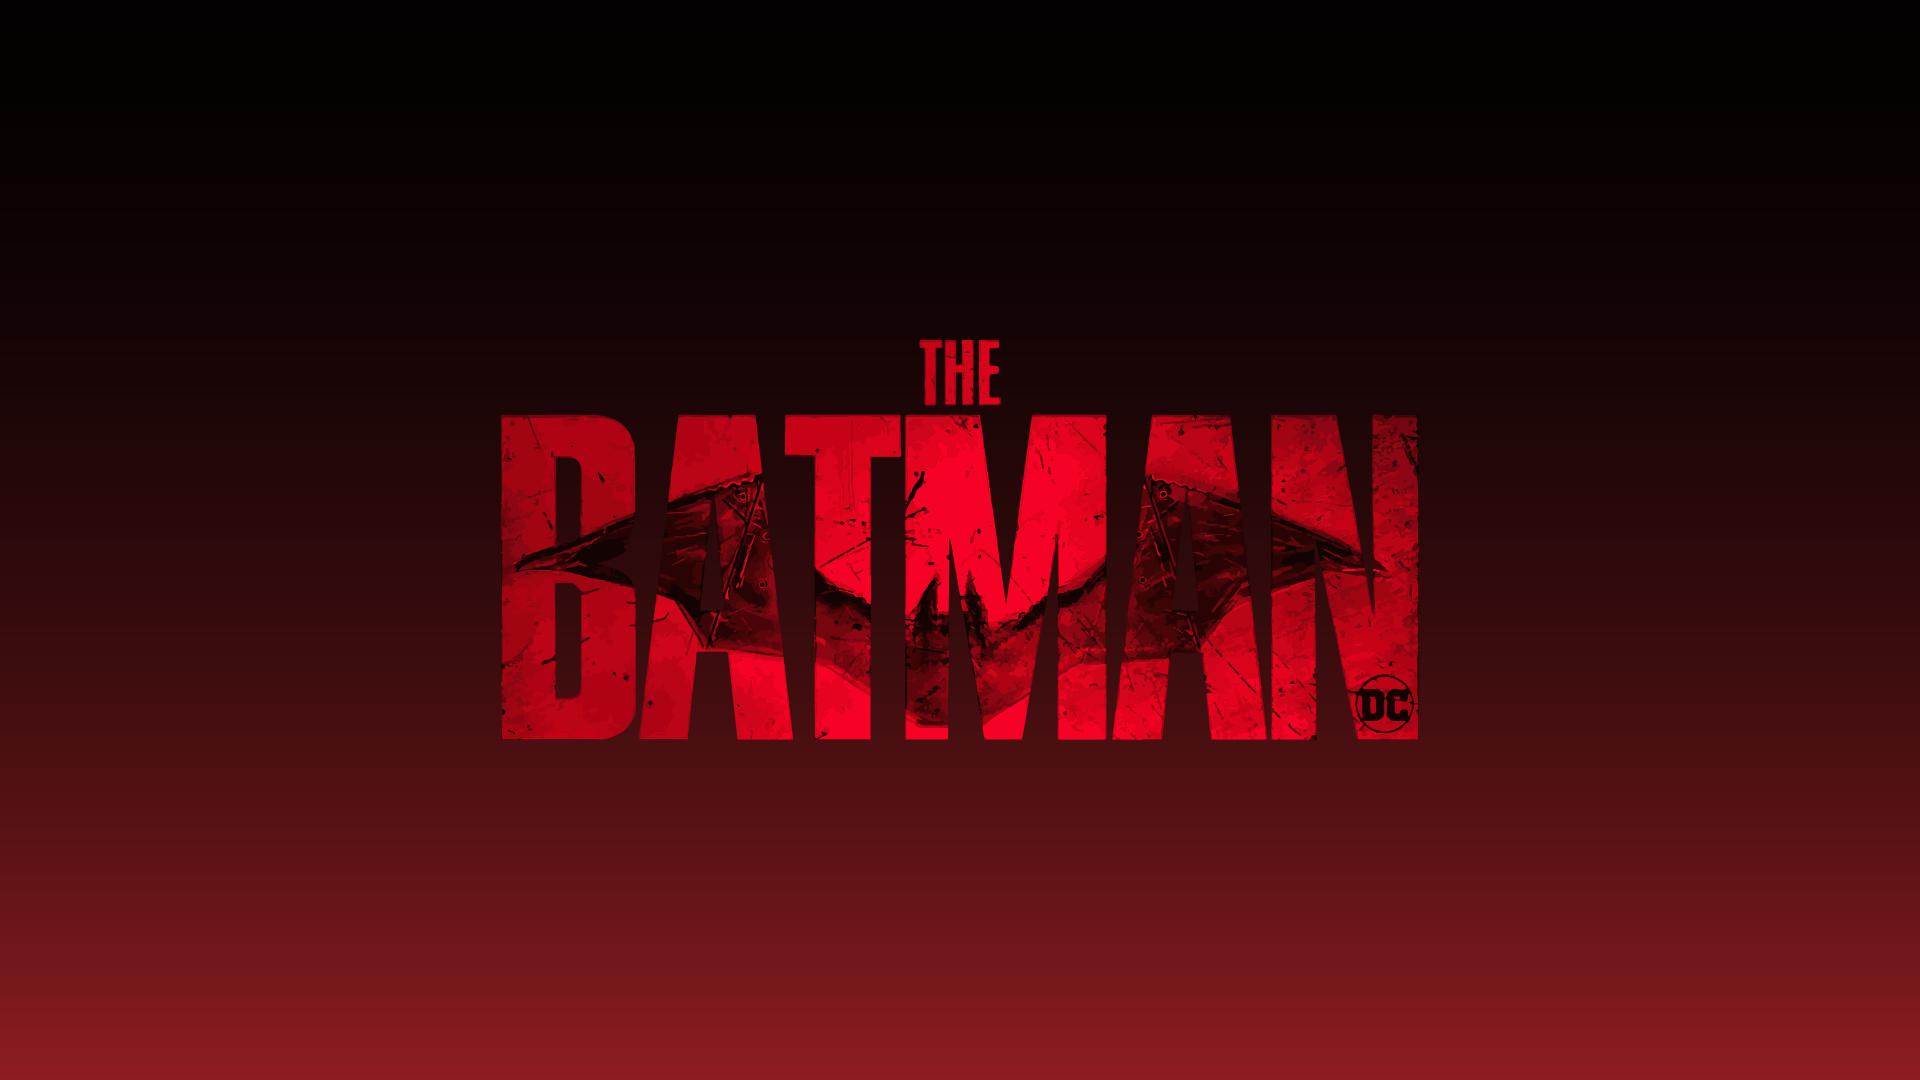 batman 2021 movie background wallpaper 4k